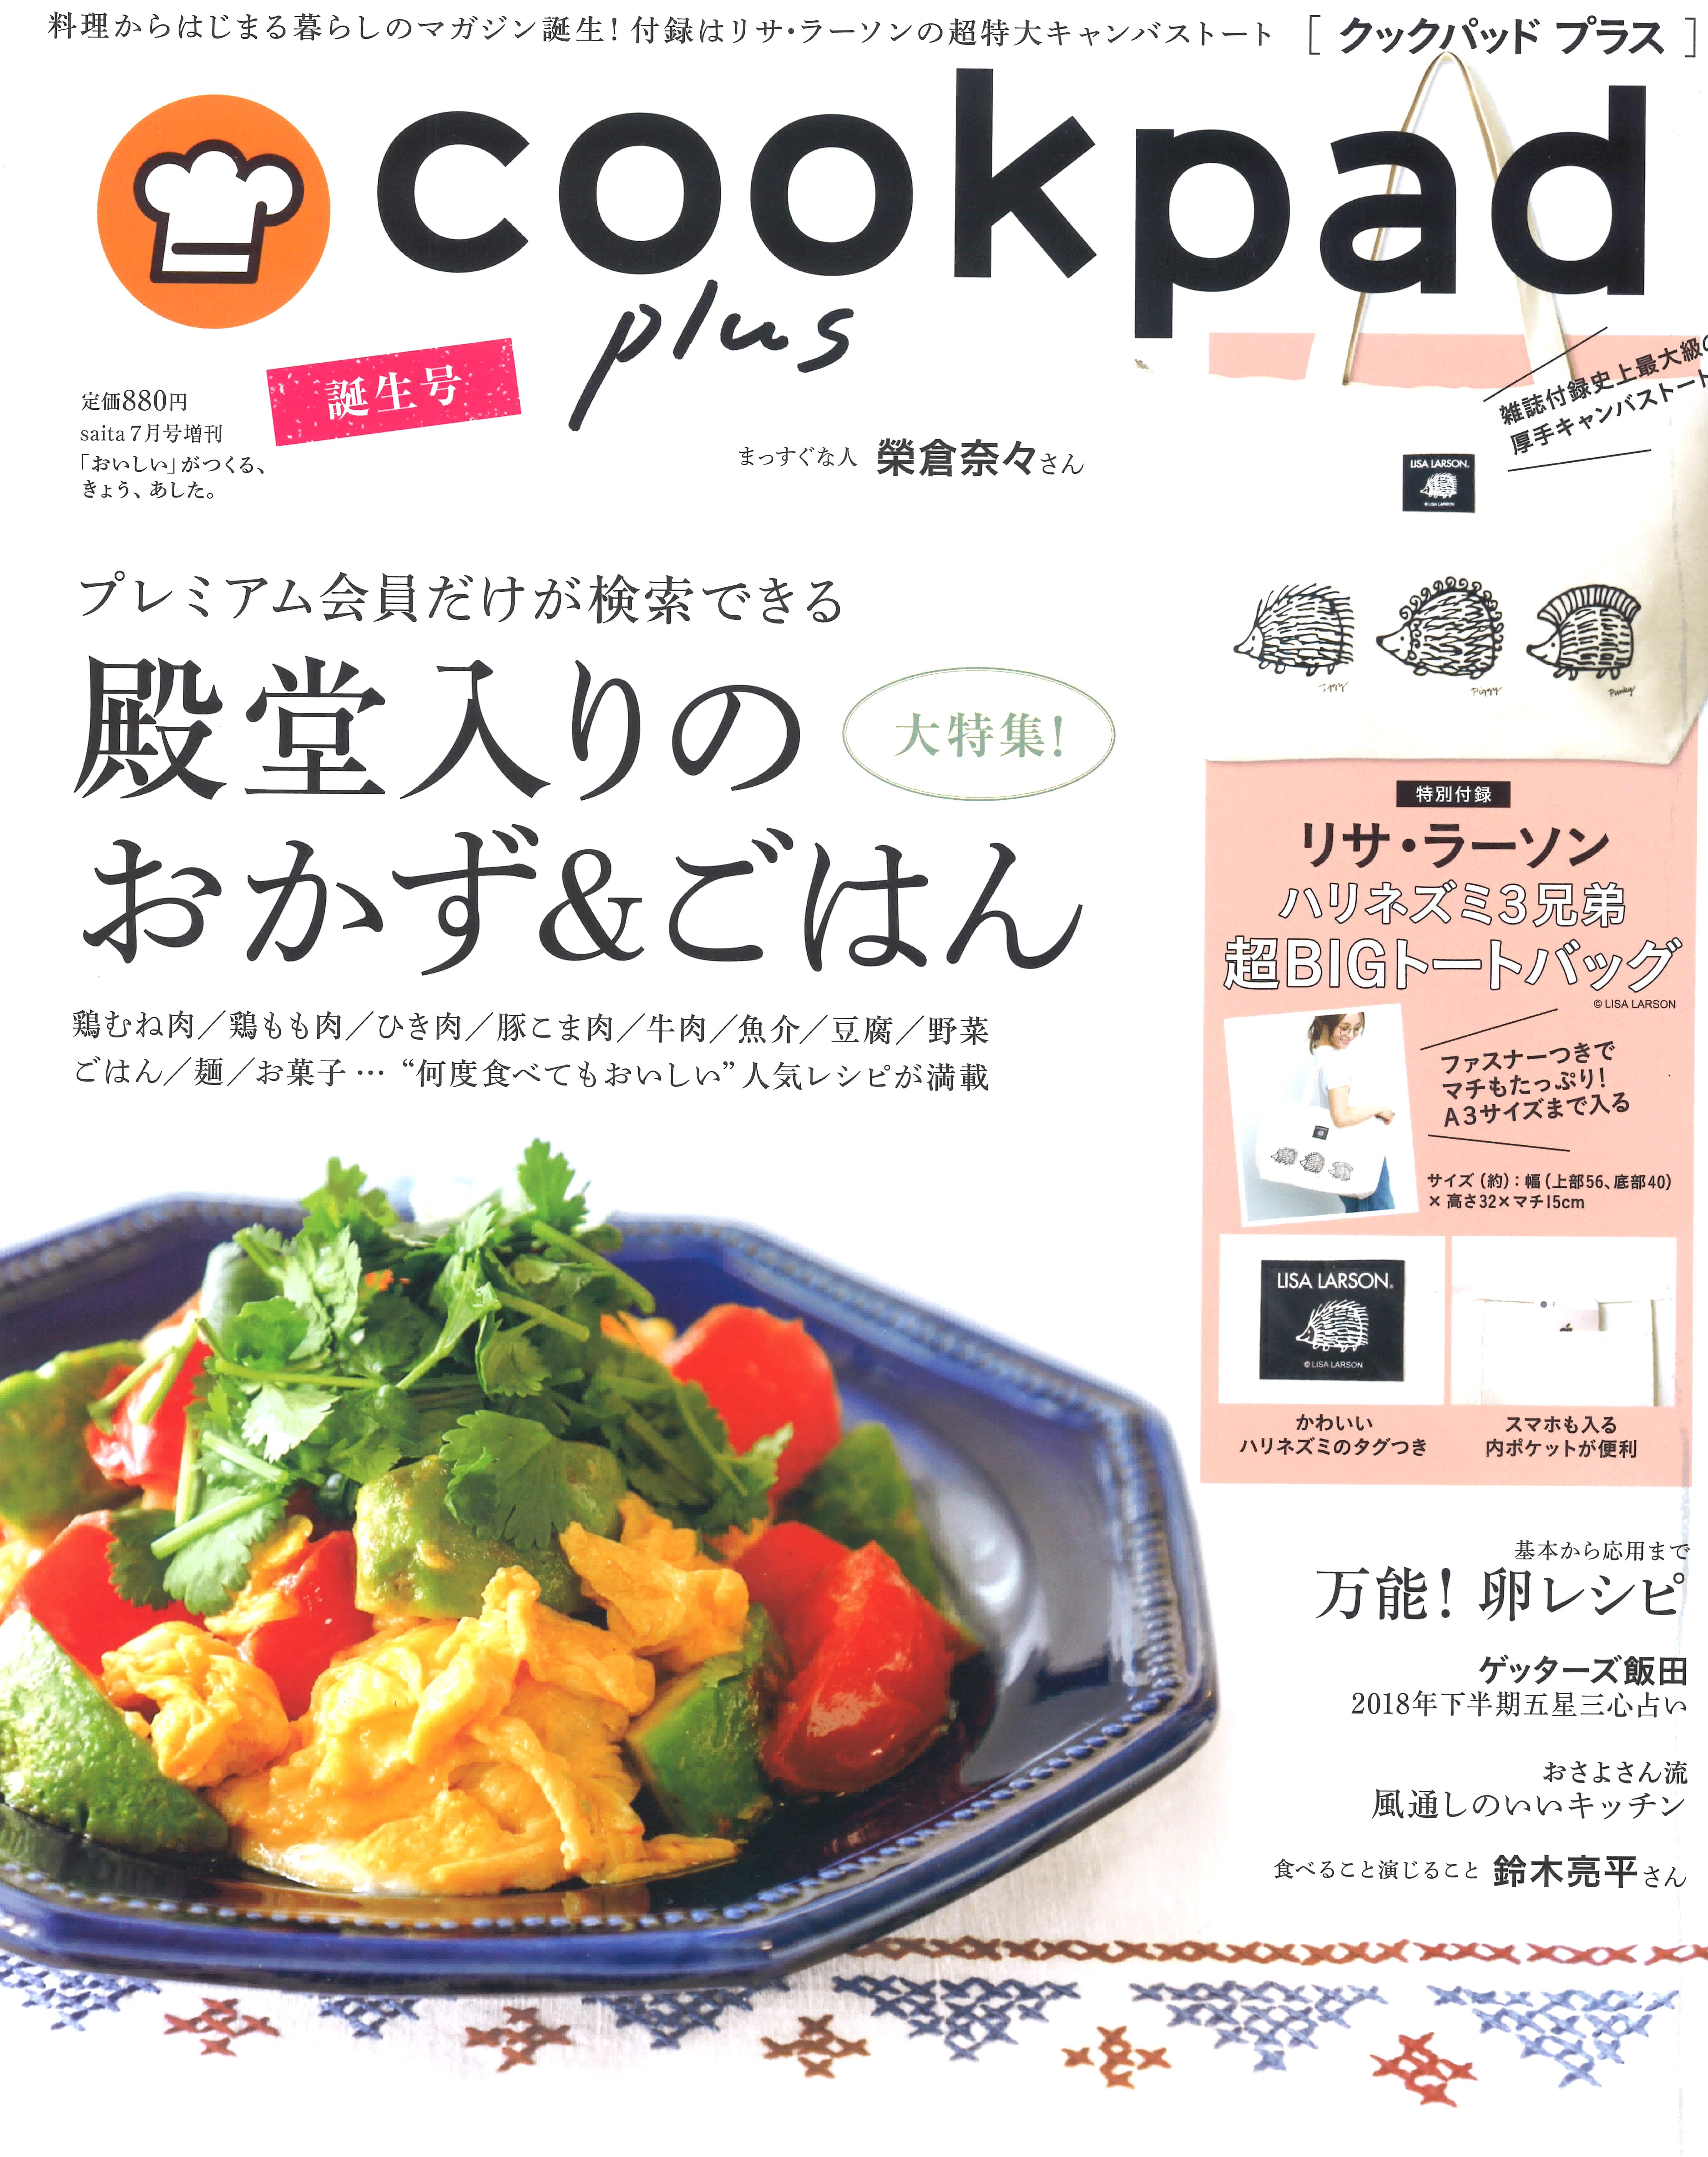 2018_7月号_cookpadplus_表紙